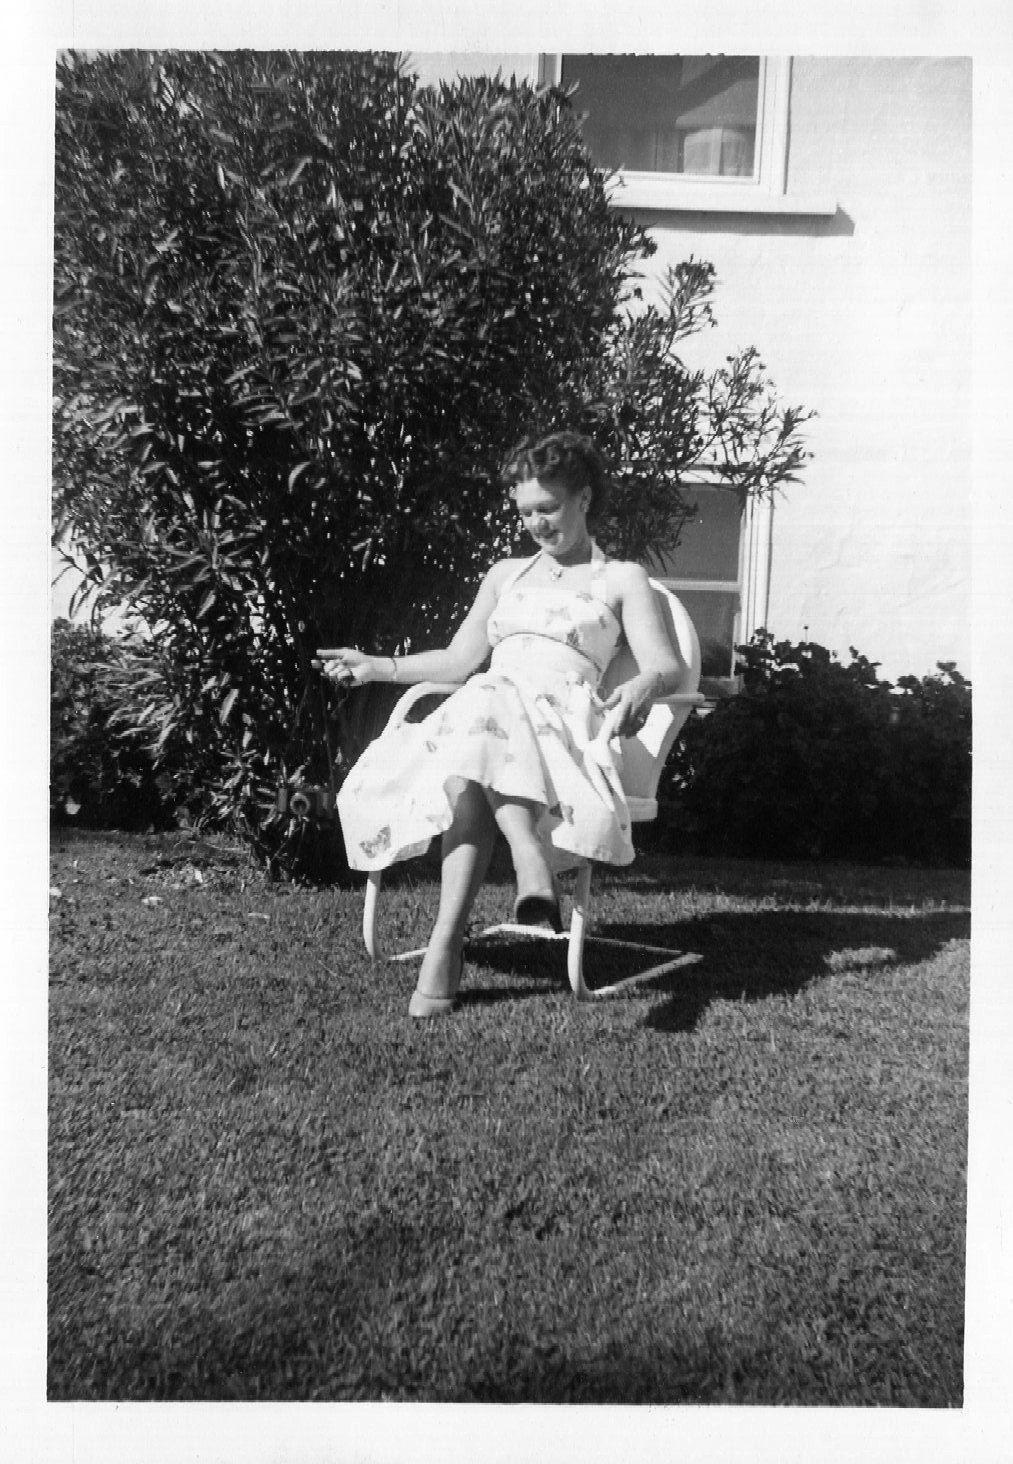 Vintage Photo..Enjoying the Sunshine 1950's, Found Photo, Old Photo Snapshot…